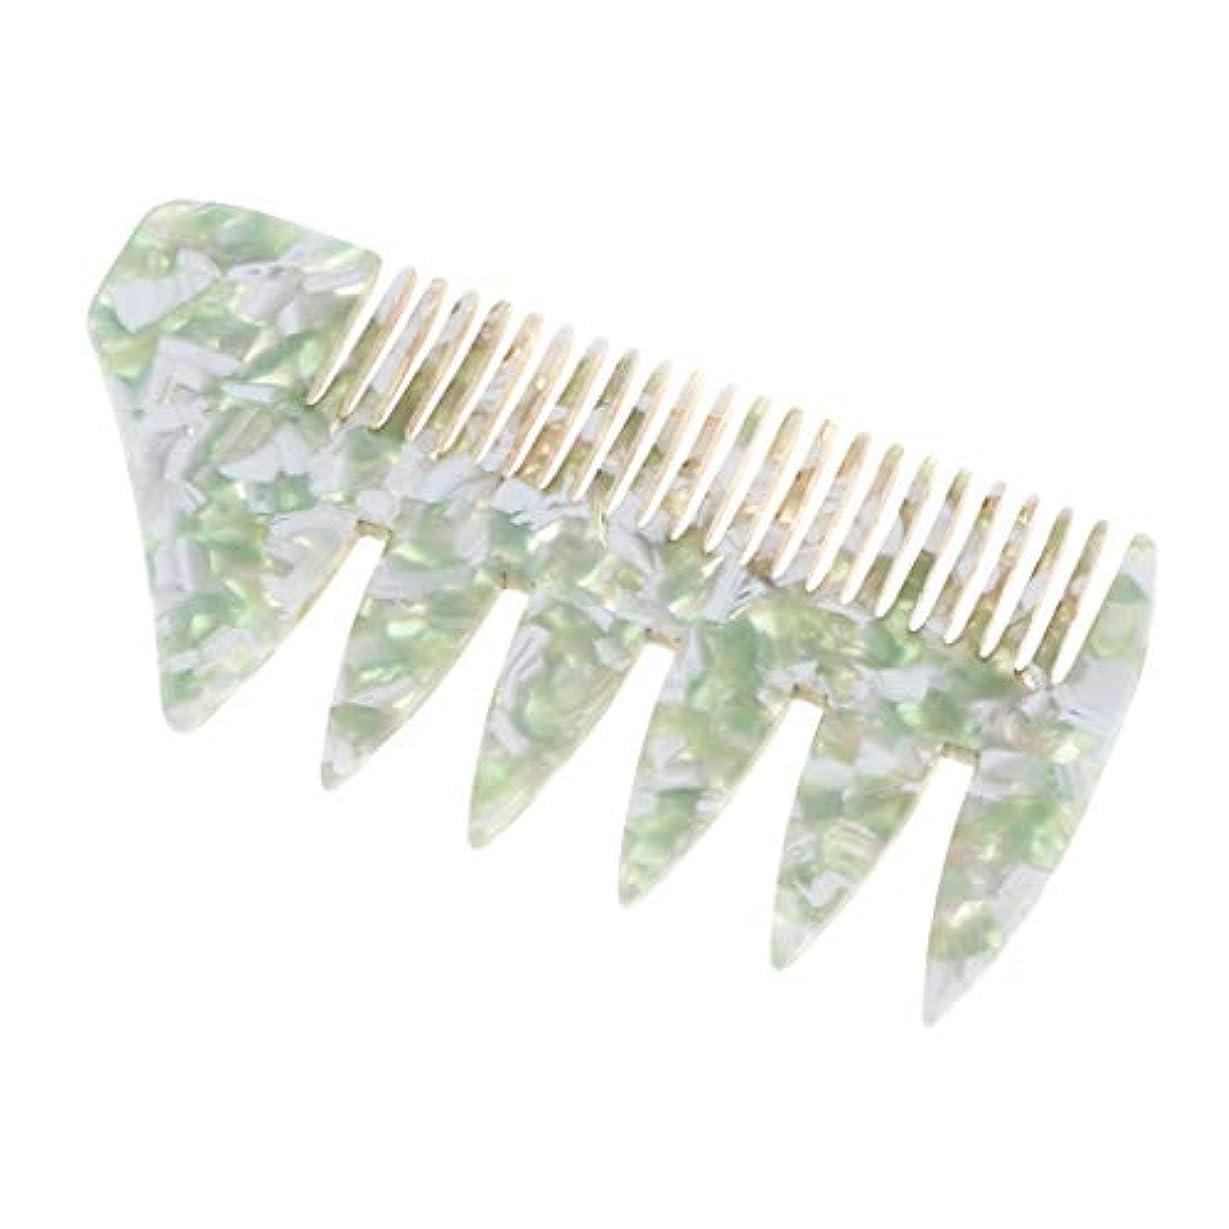 トランク旅客運動するSM SunniMix プラスチック 広い歯 ヘアスタイリング櫛 くし 全4色 - 緑